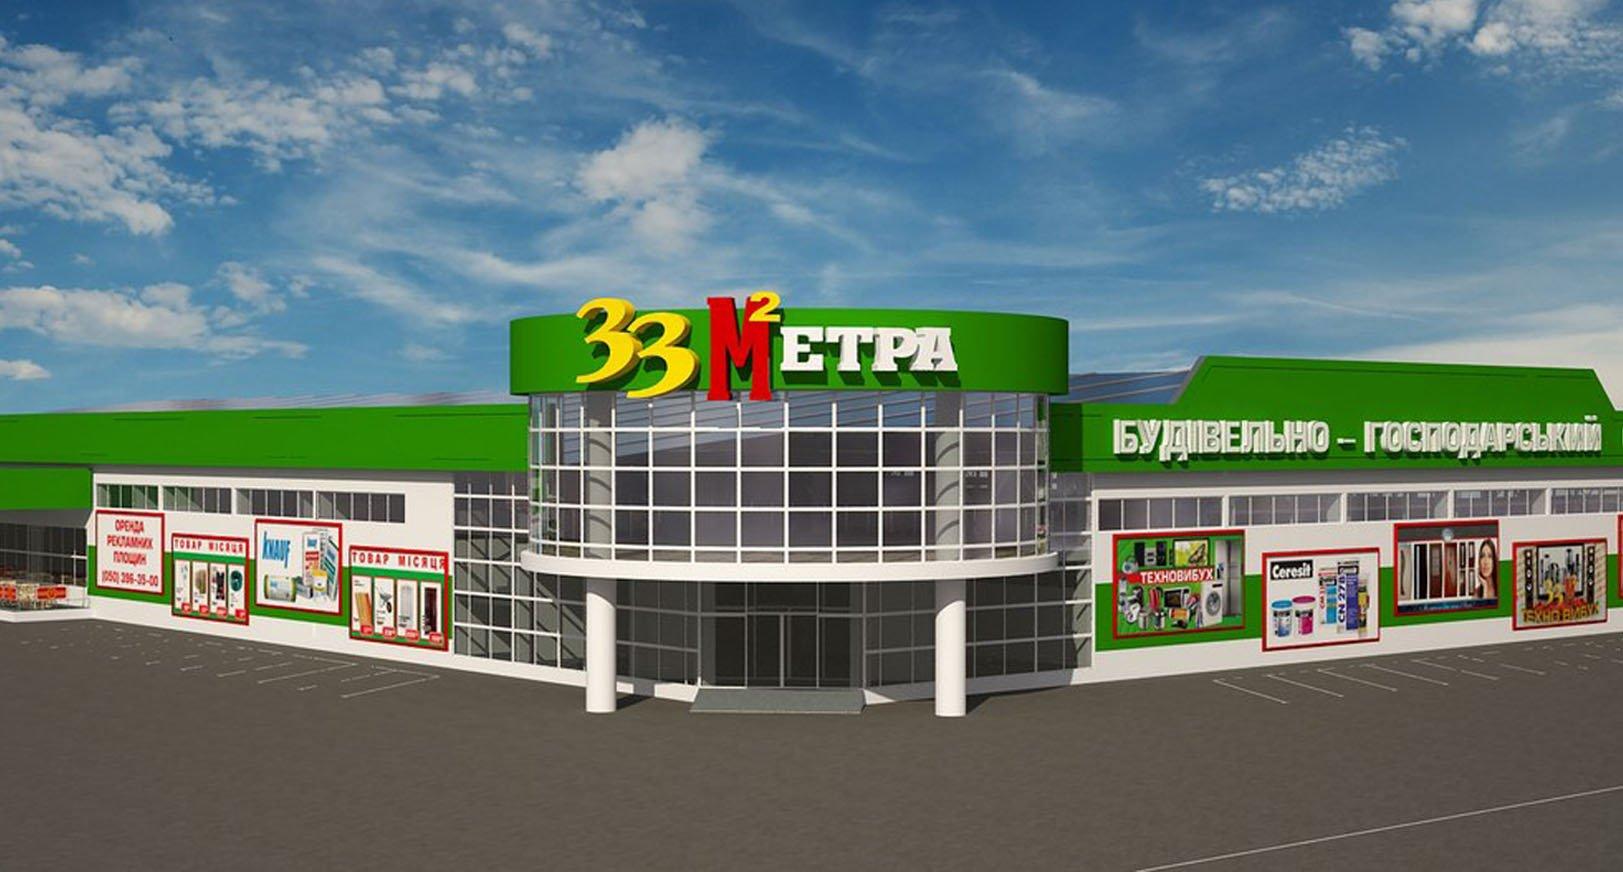 Сеть строительно-хозяйственных супермаркетов «33 квадратных метра», Украина